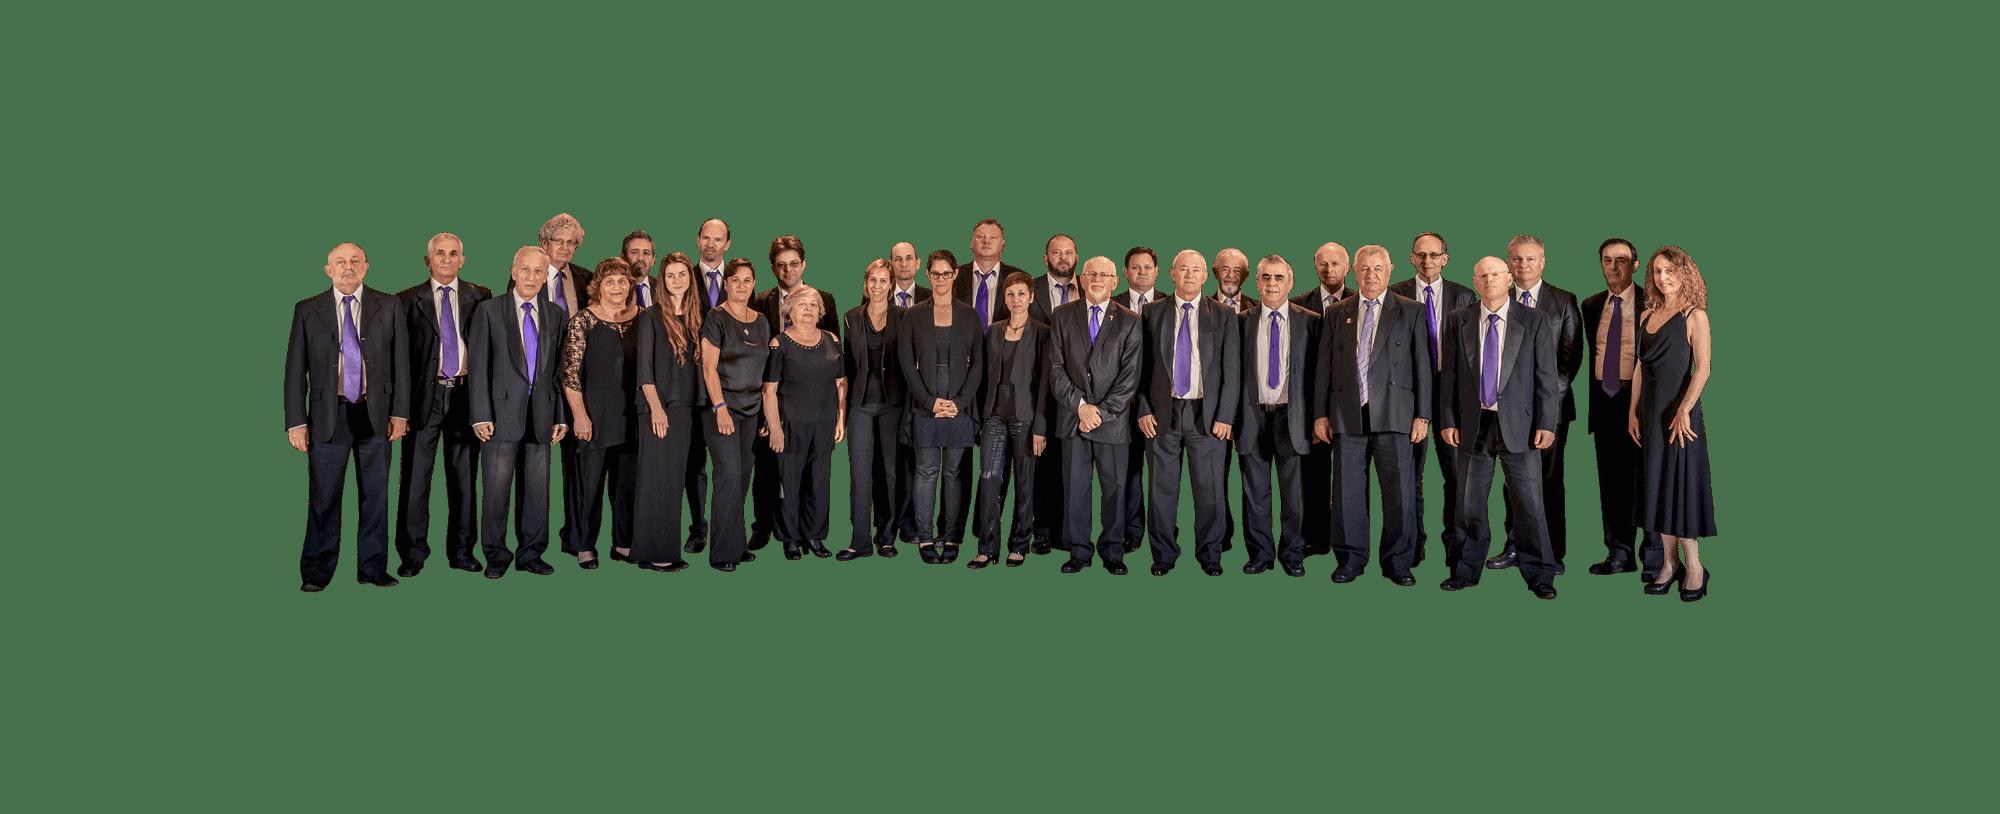 תמונה של חברי התזמורת